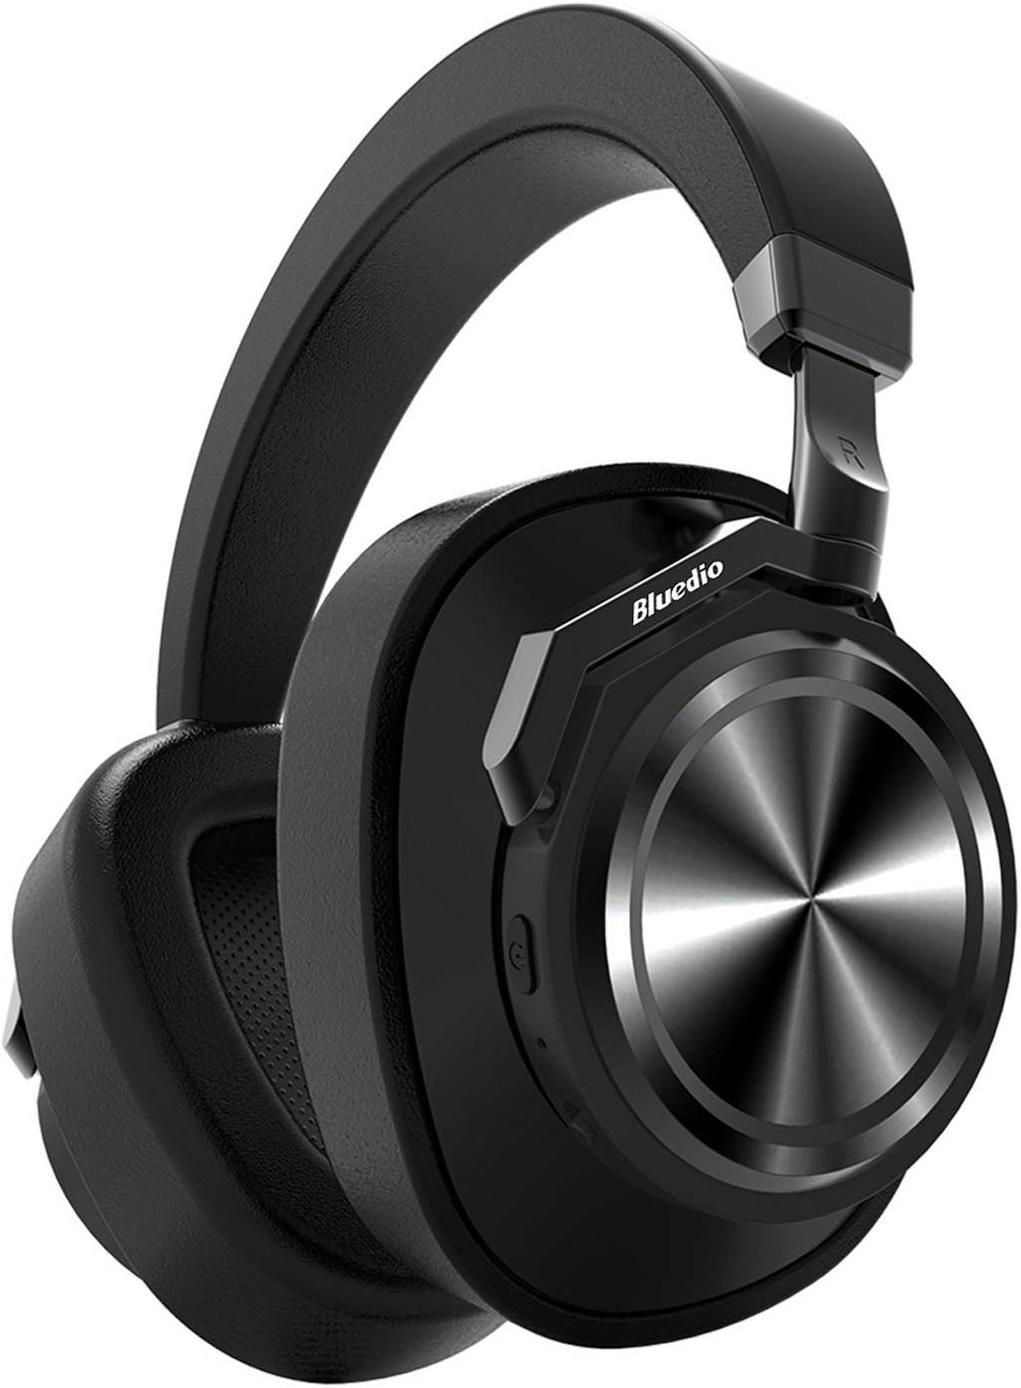 Купить Навушники та гарнітури, Гарнітура Bluedio T6 Black